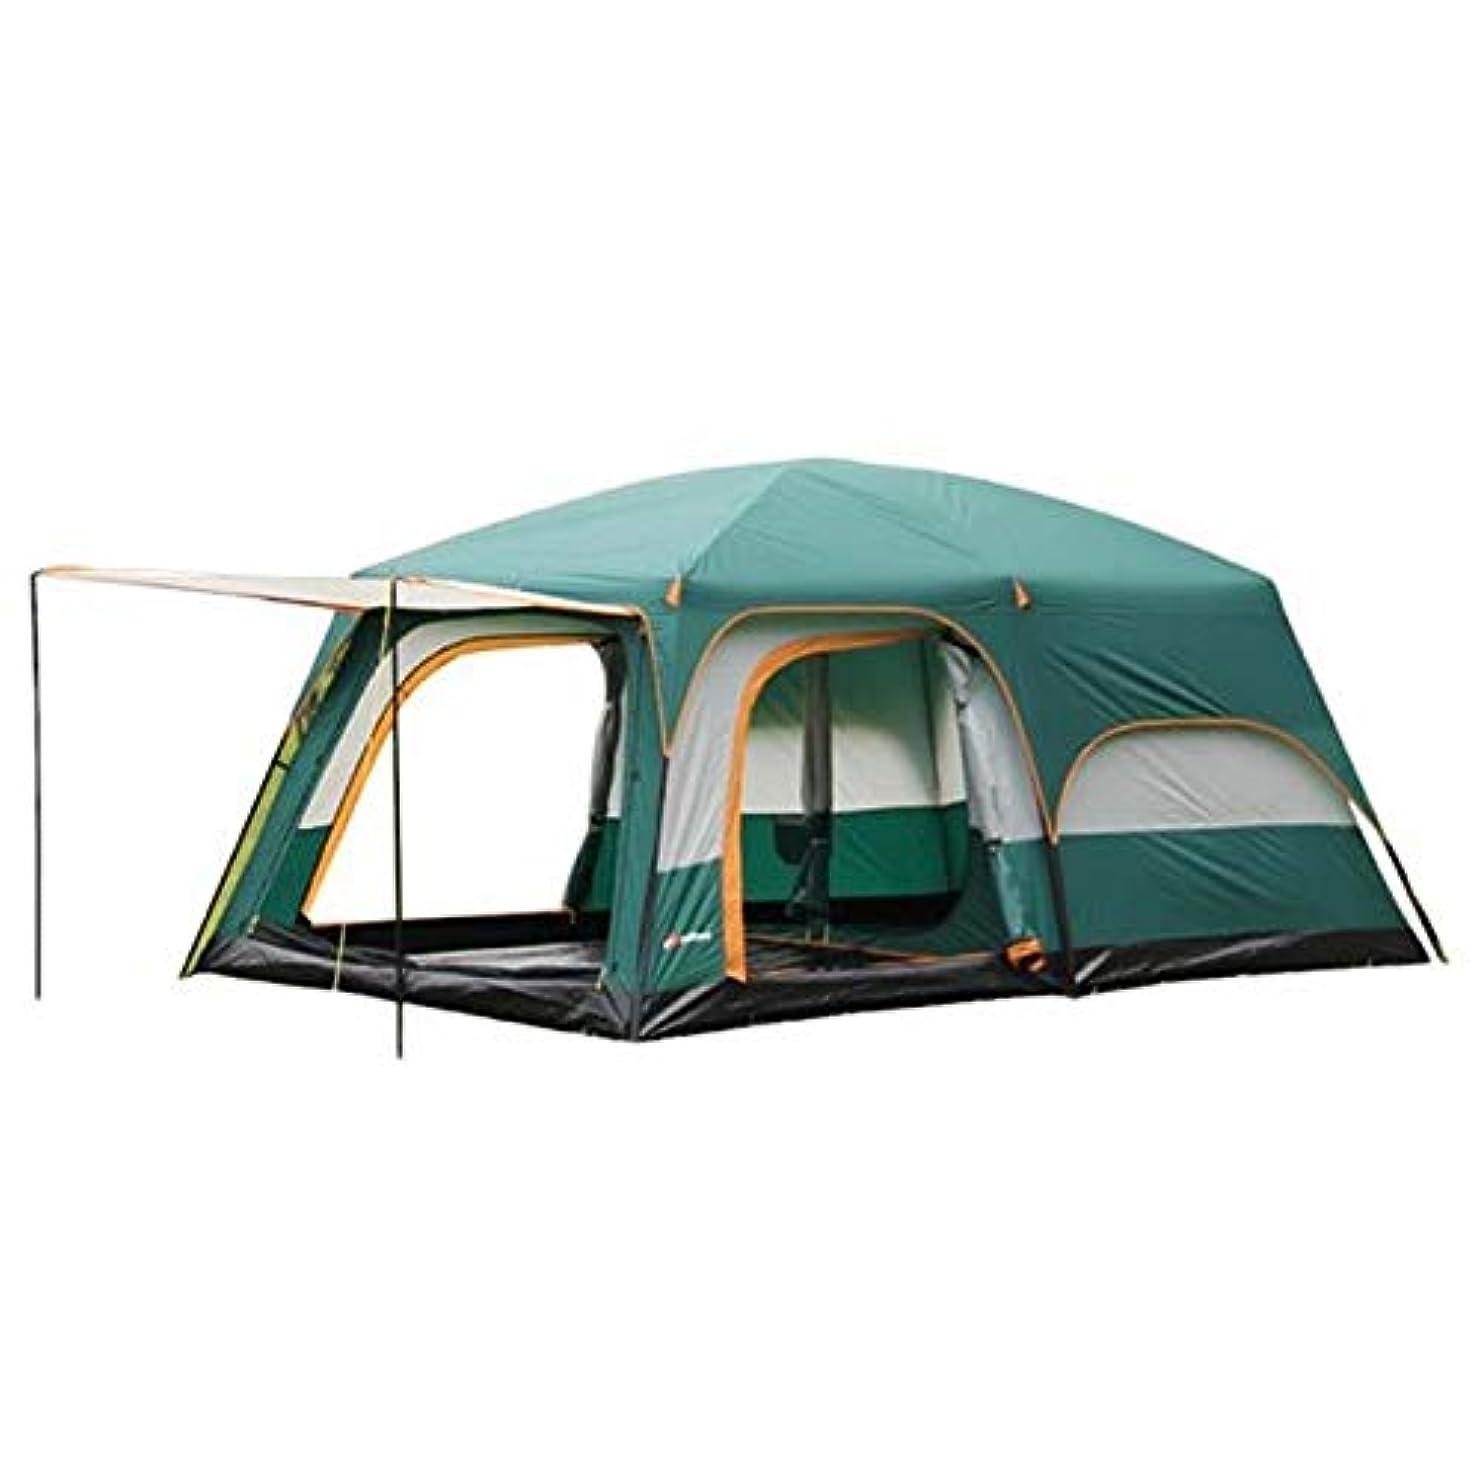 性格元気ピアKTH グループ2部屋、1ホール、テント、屋外キャンプ、6人、8人、10人、12人、2部屋、1ホール、複数人、ダブルテント